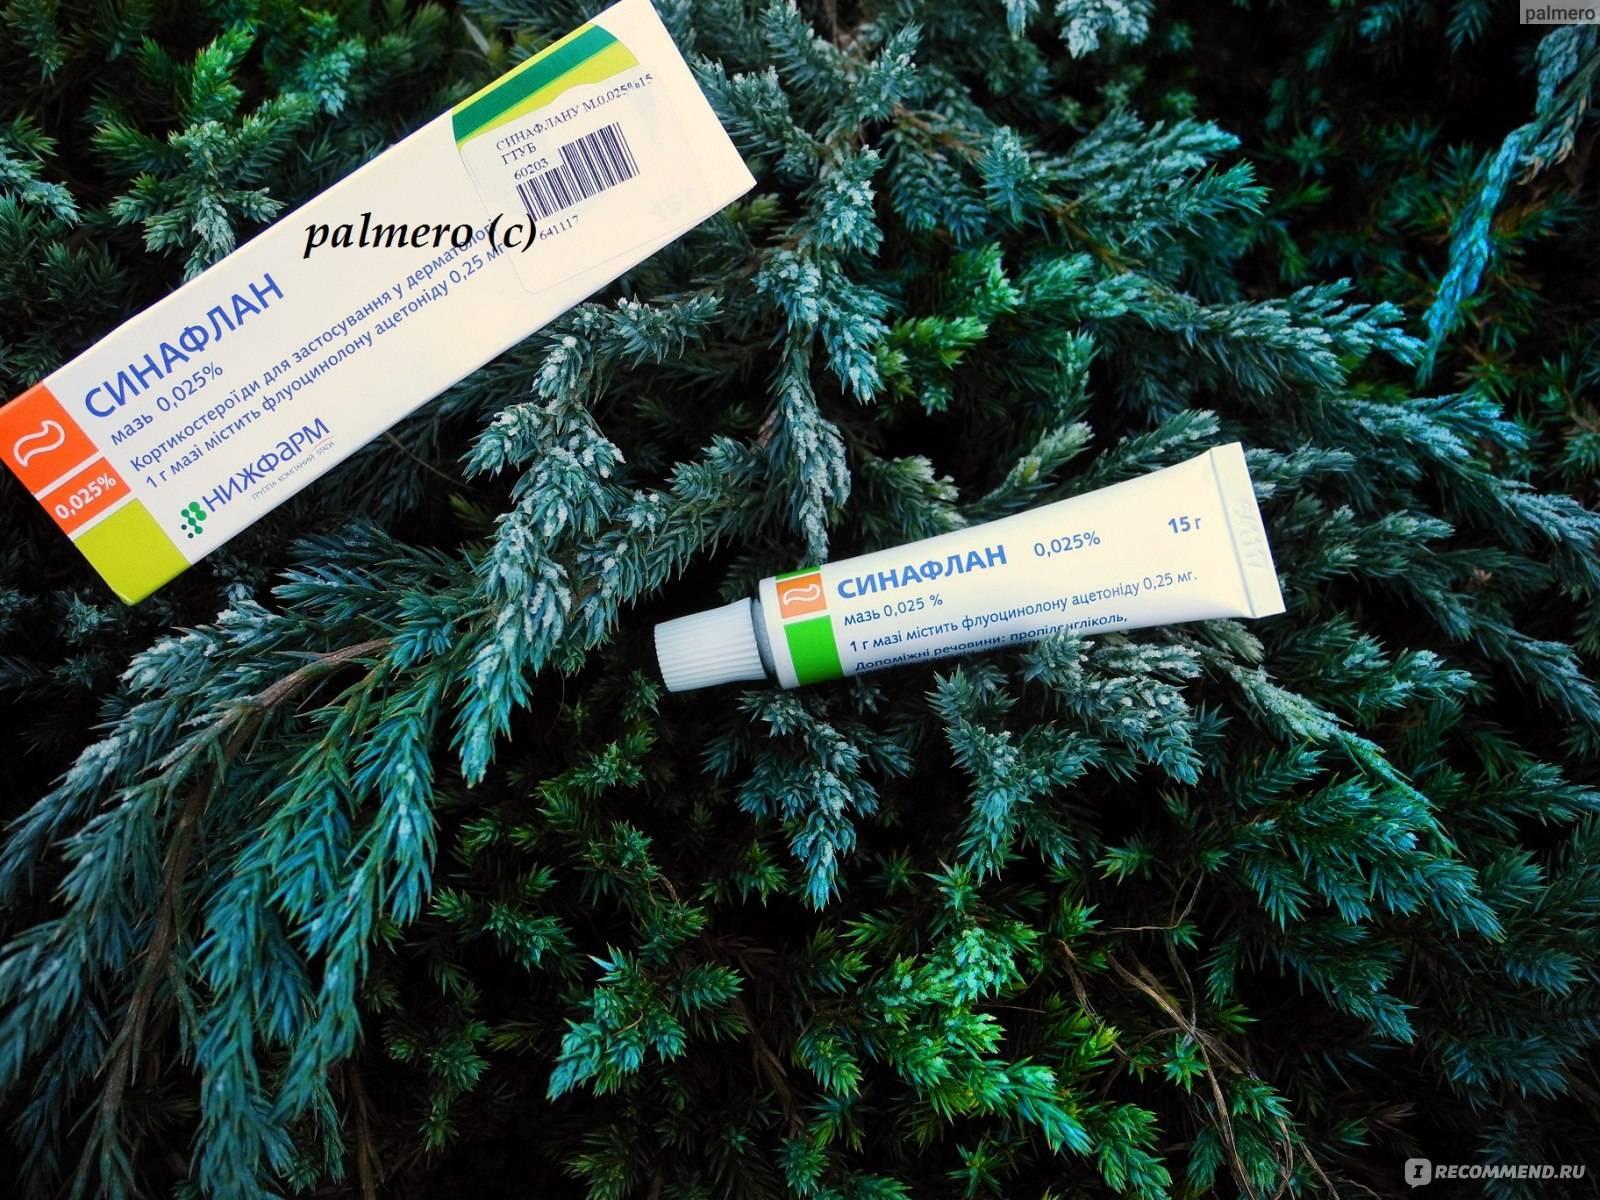 Полезные свойства вазелина для кожи: скользкий и действенный